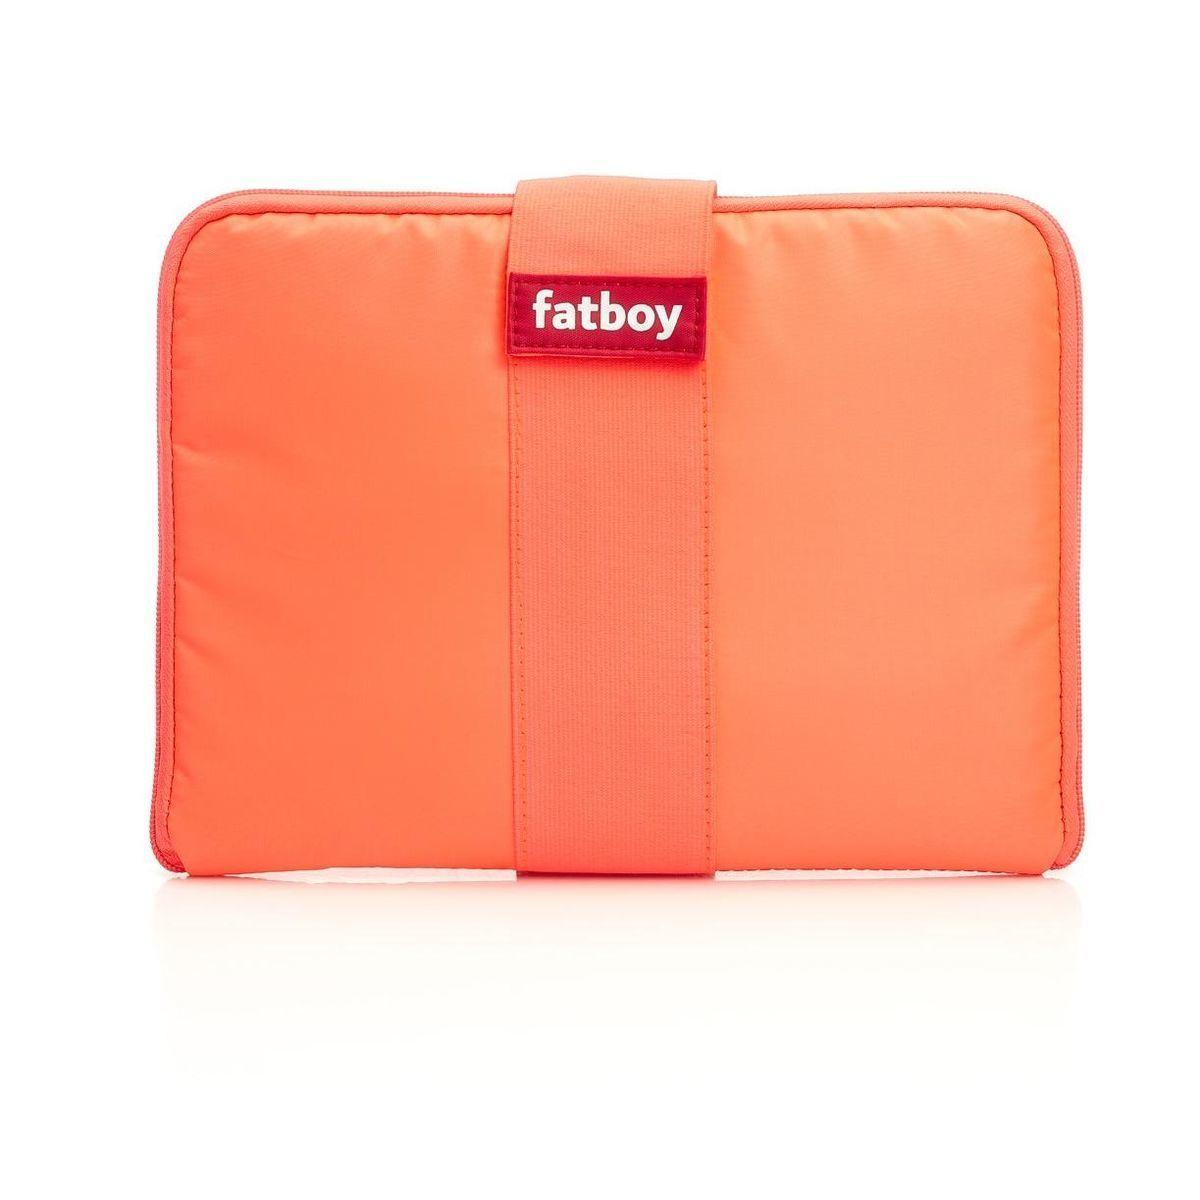 tablet tuxedo tablet bag 9 7 39 39 fatboy. Black Bedroom Furniture Sets. Home Design Ideas